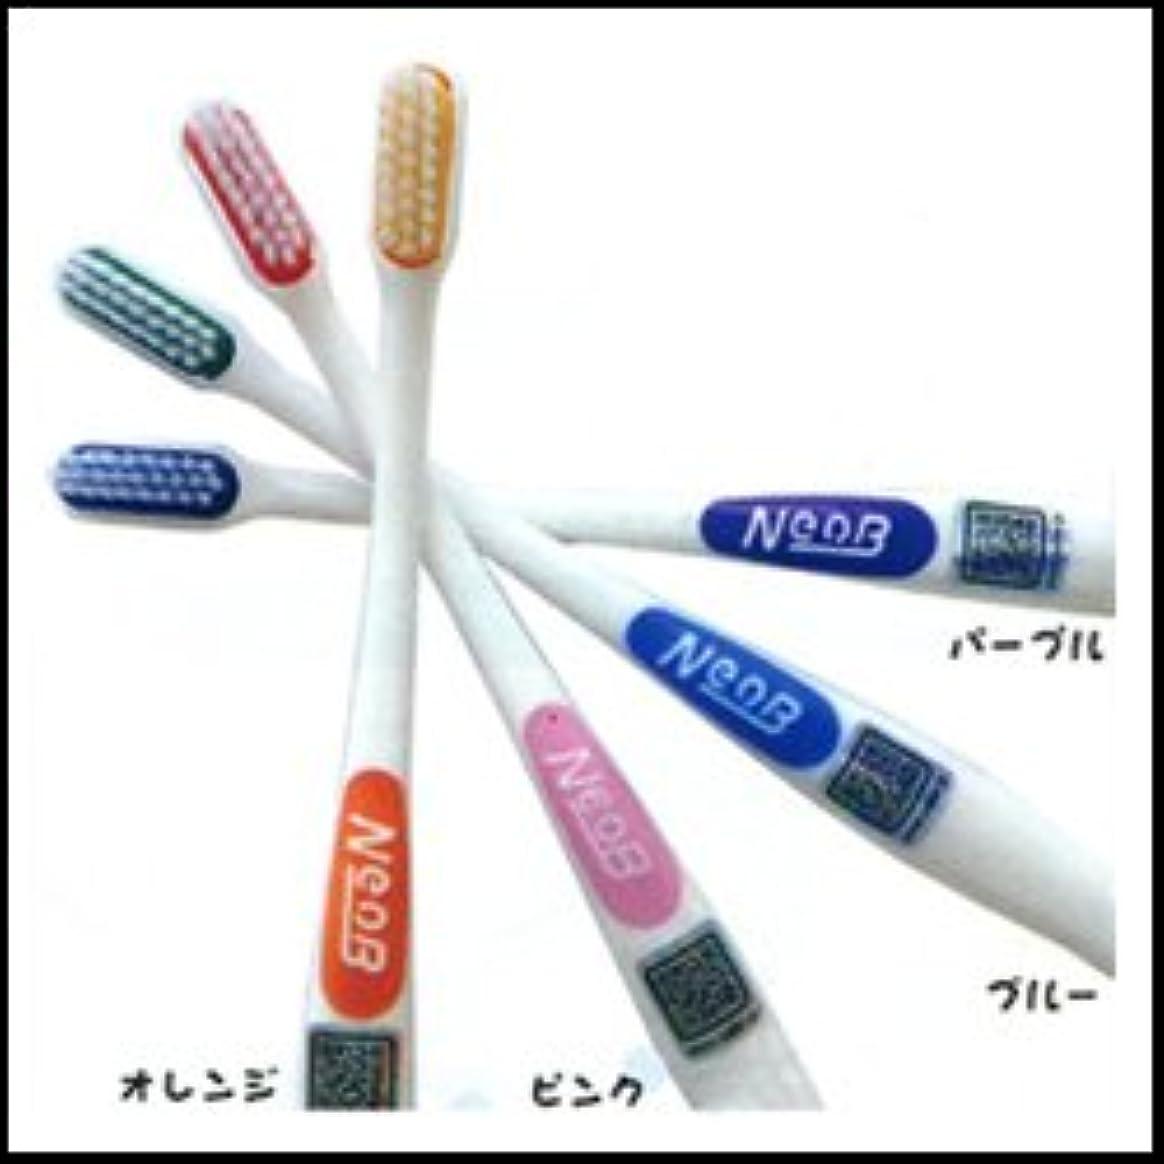 【3本セット】ネオビー歯ブラシ (パープル?ブルー?ピンク?オレンジ)